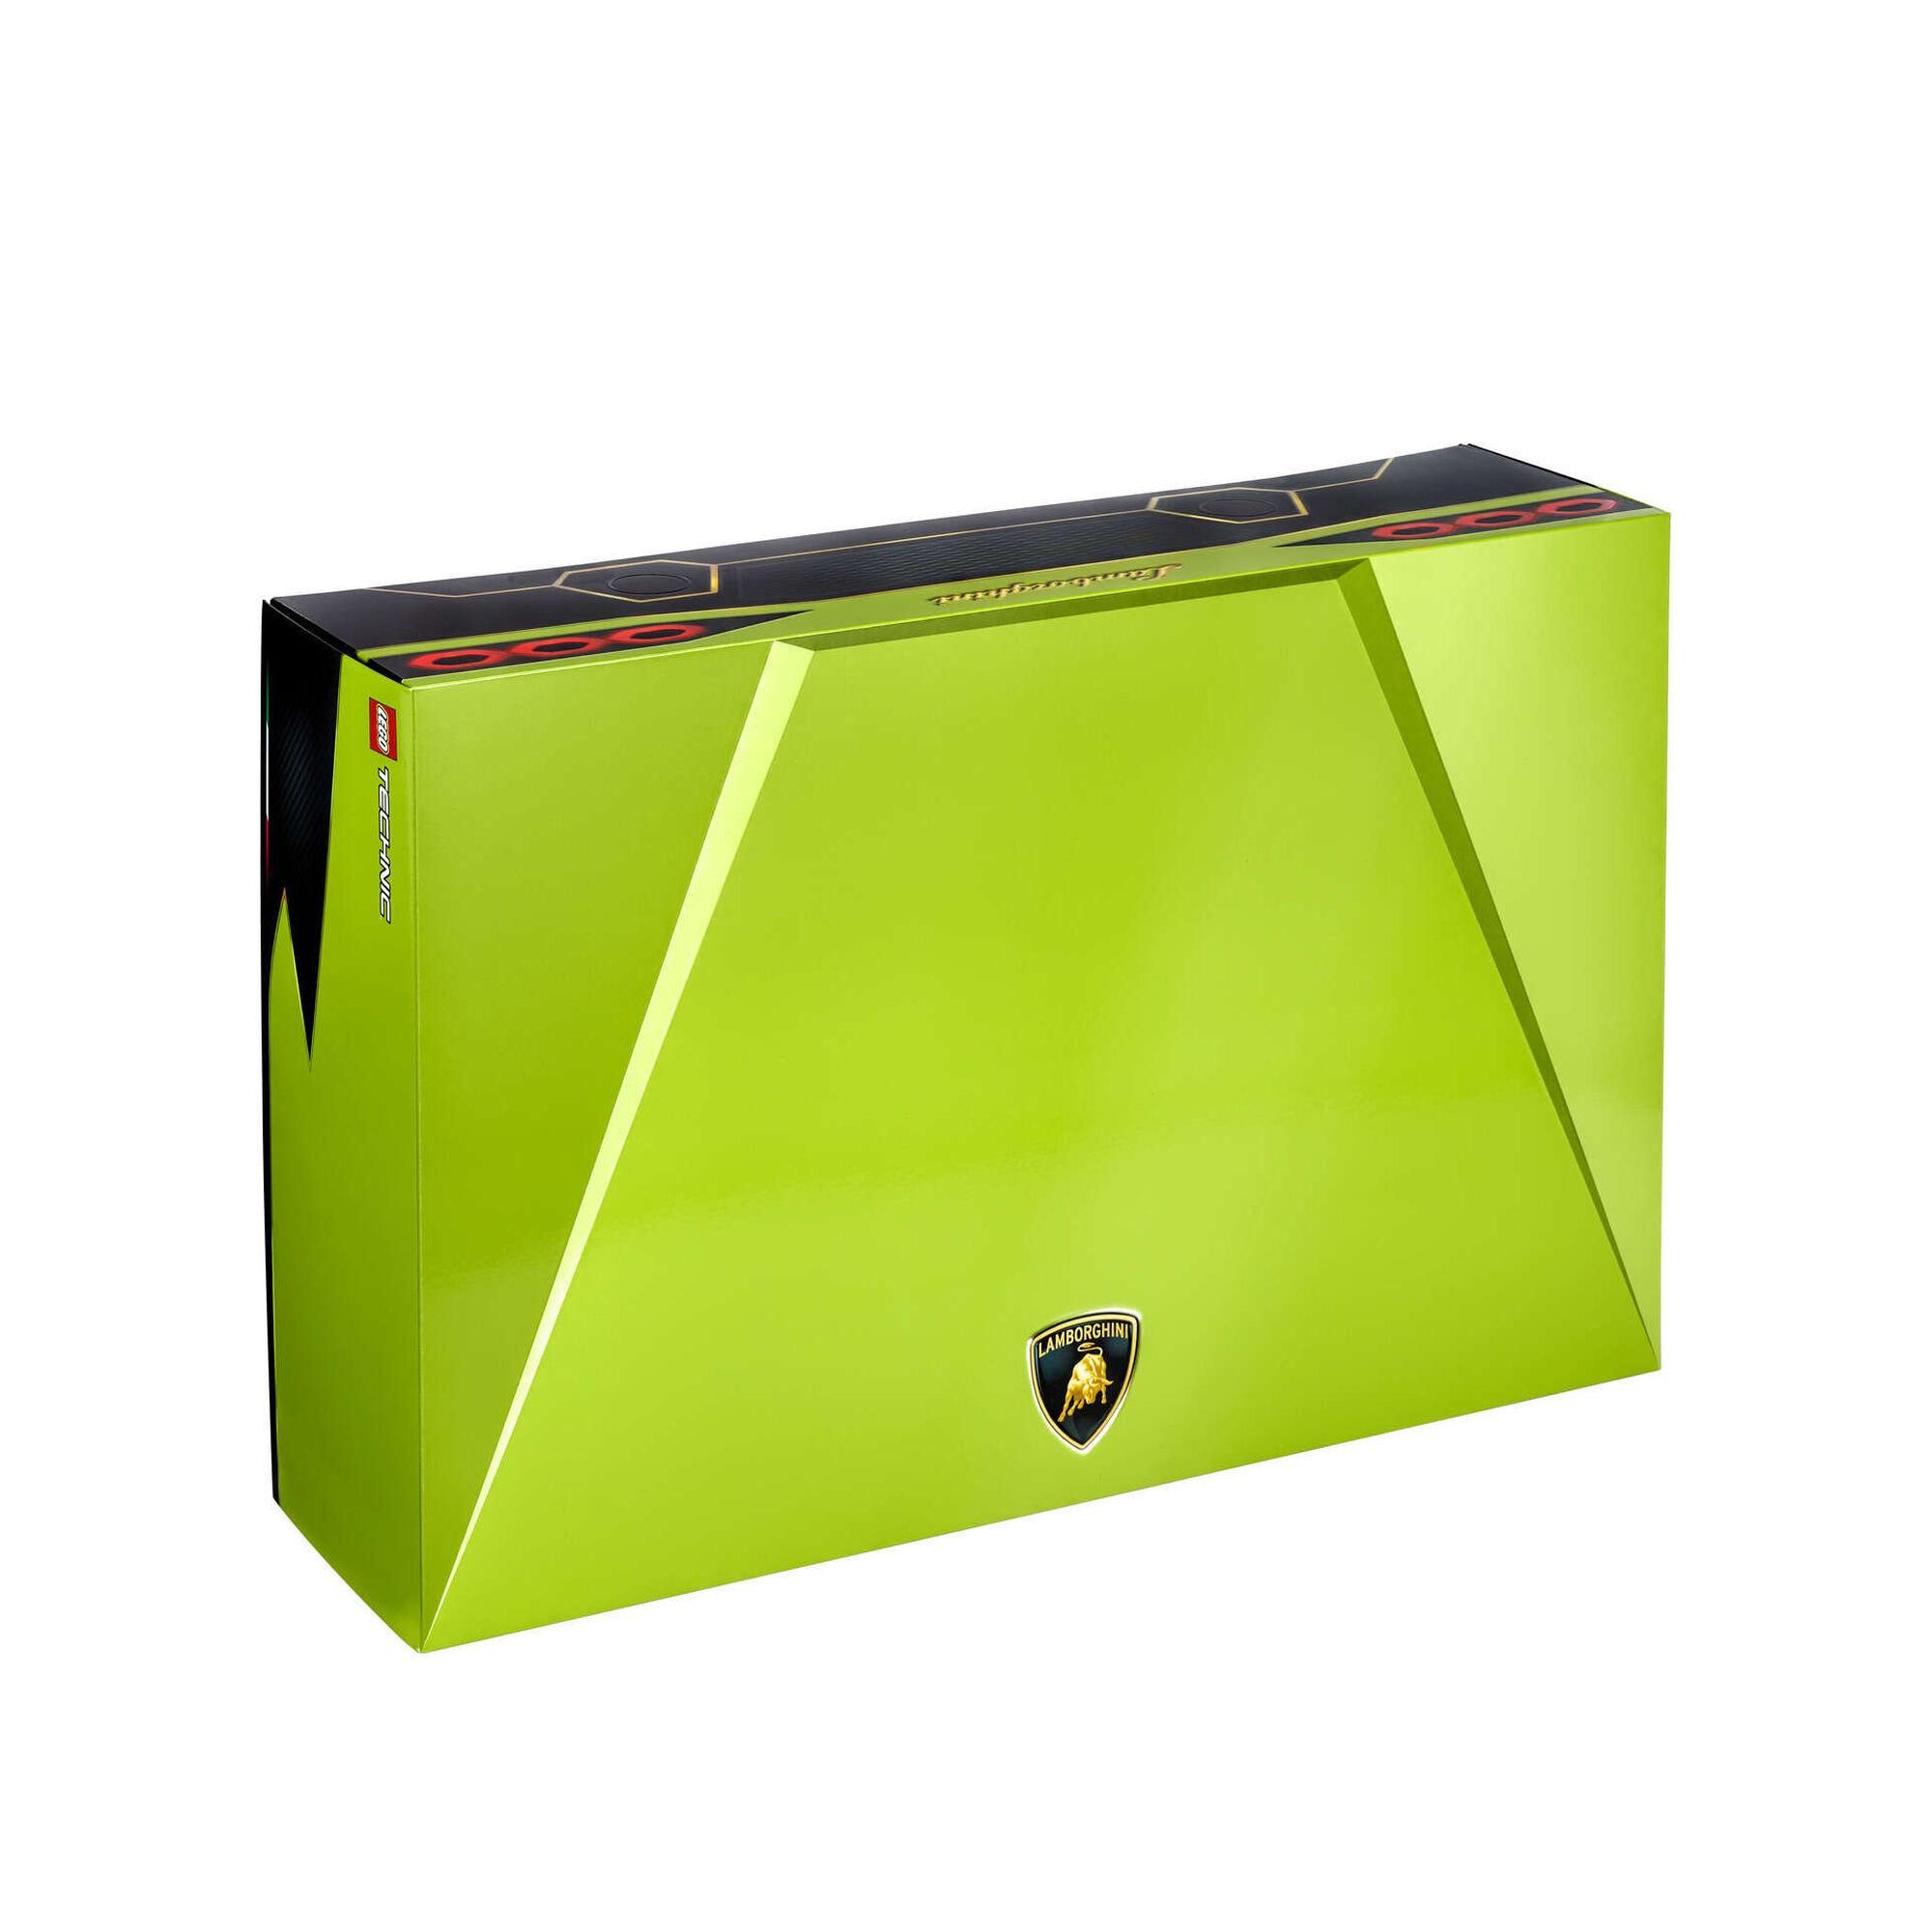 Lamborghini Sián Fkp 37 - 42115